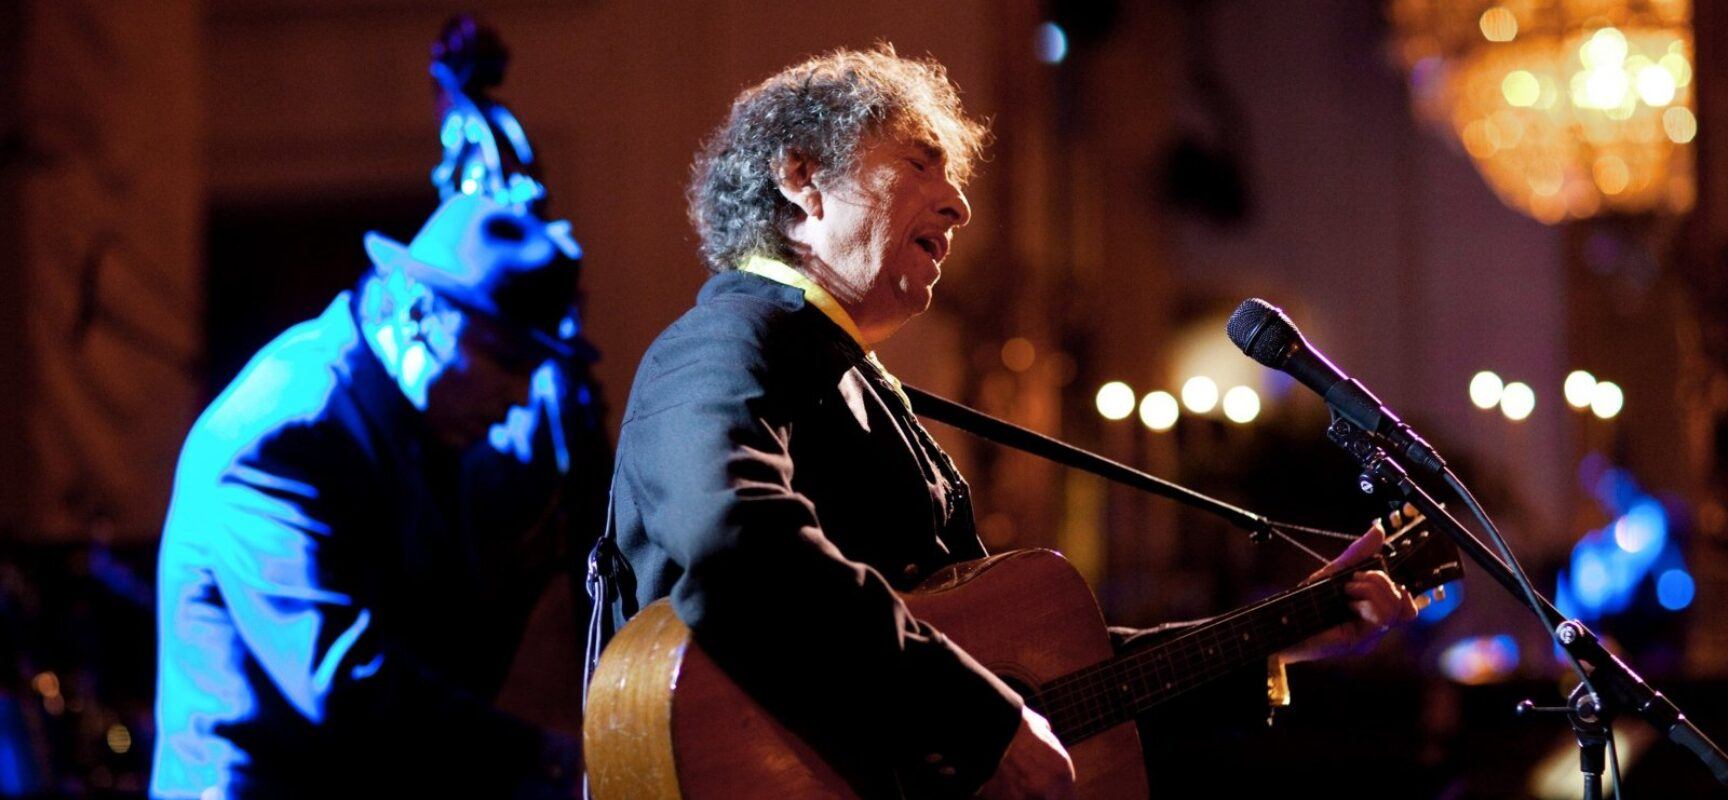 Único ser humano premiado com Nobel, Pulitzer e Oscar, Bob Dylan completa 80 anos